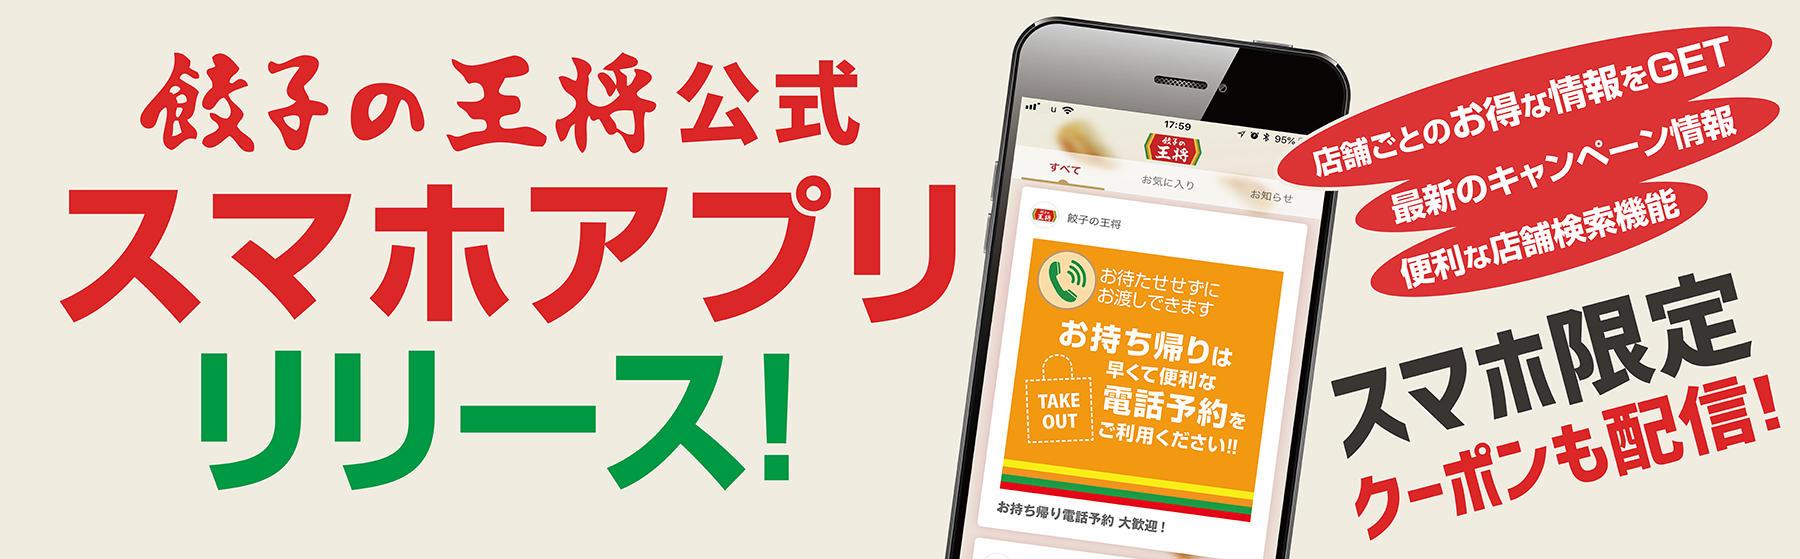 app1901.jpg